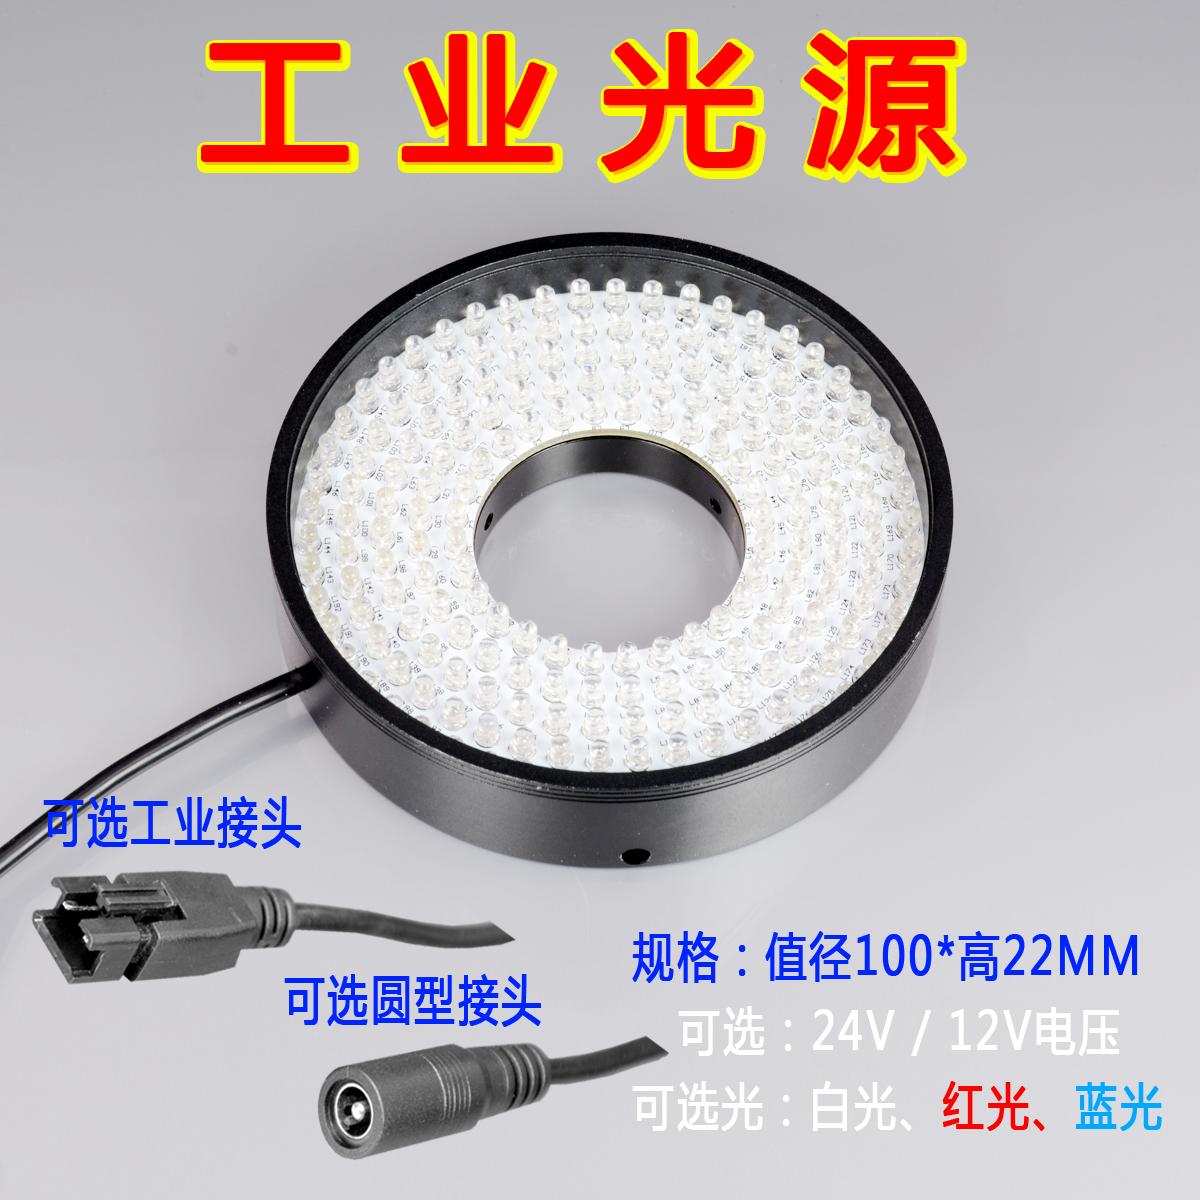 环形光源检测光源工业光源背光源微显镜光源 22MM 40 100 平面光源